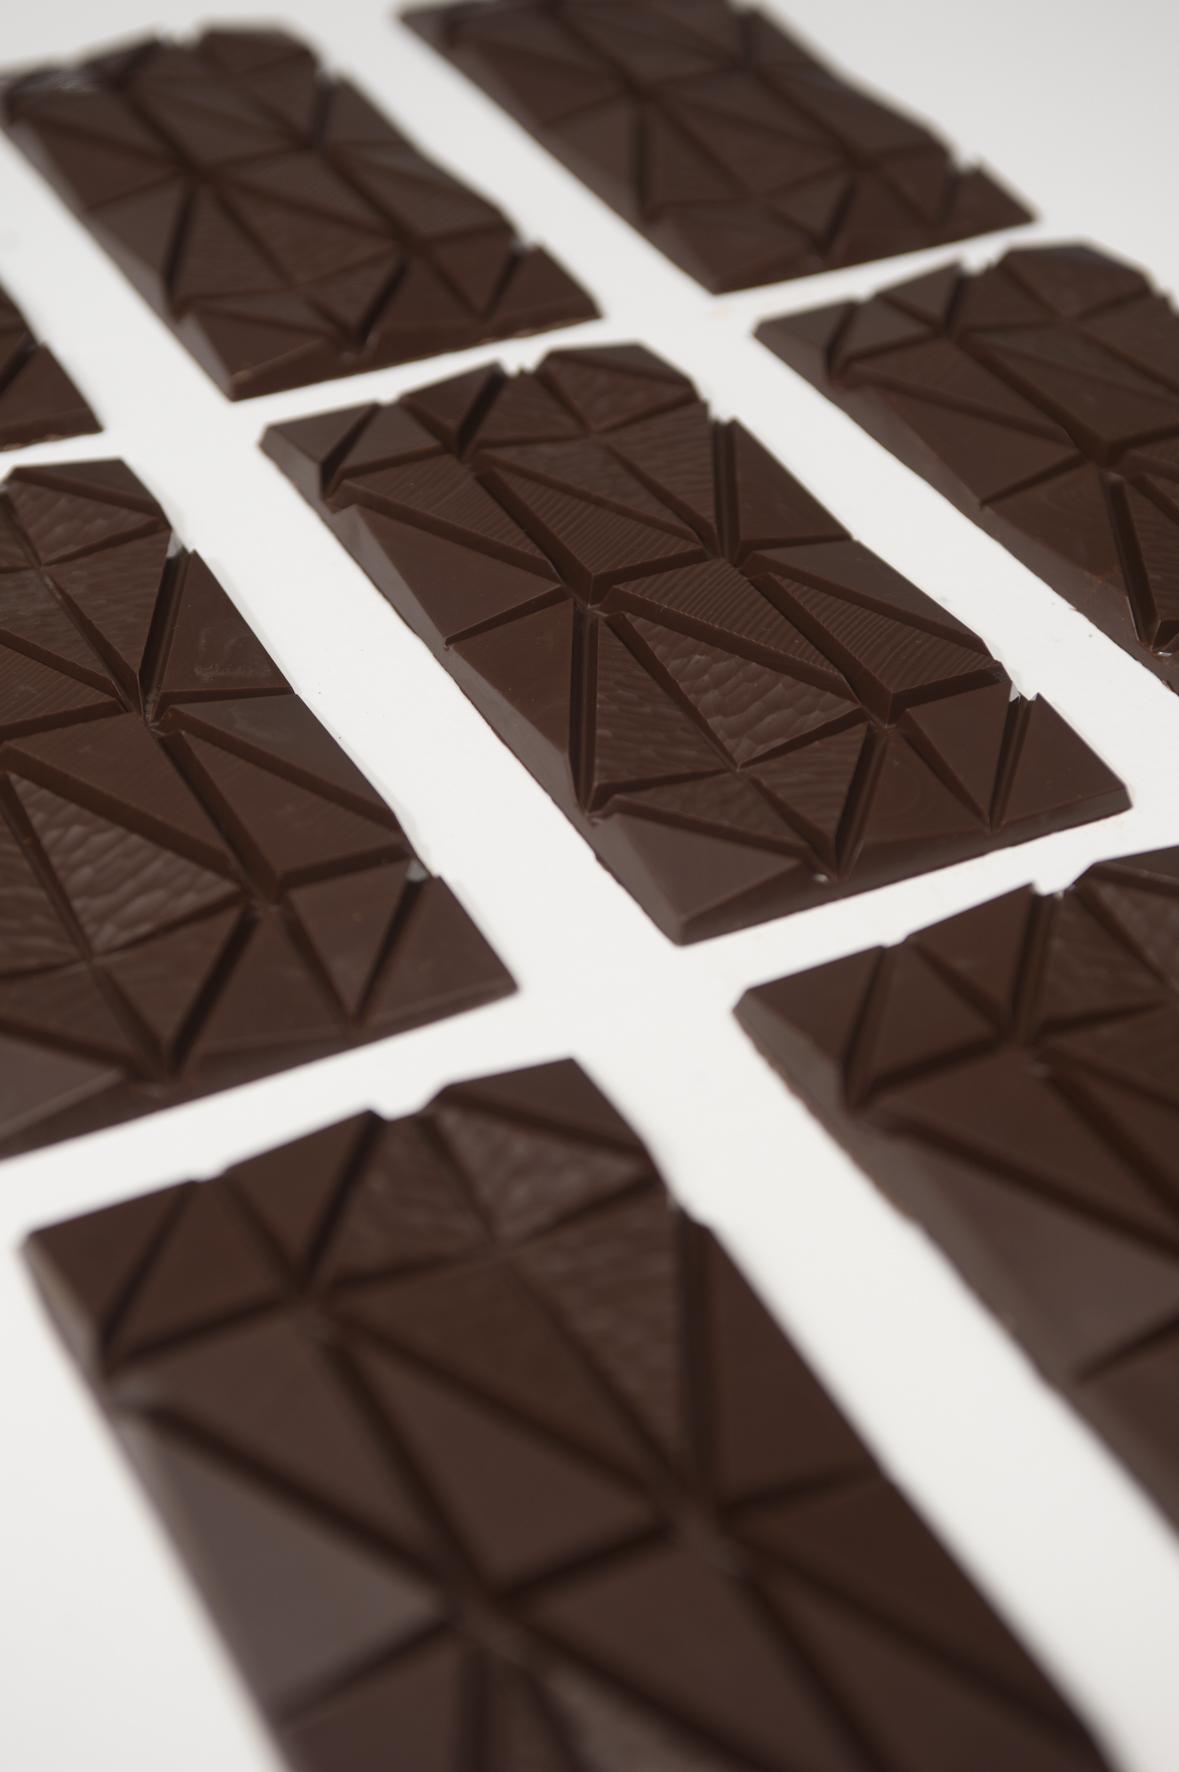 Garçoa bean to bar chocolate production - Garçoa bars ready for wrapping.jpg